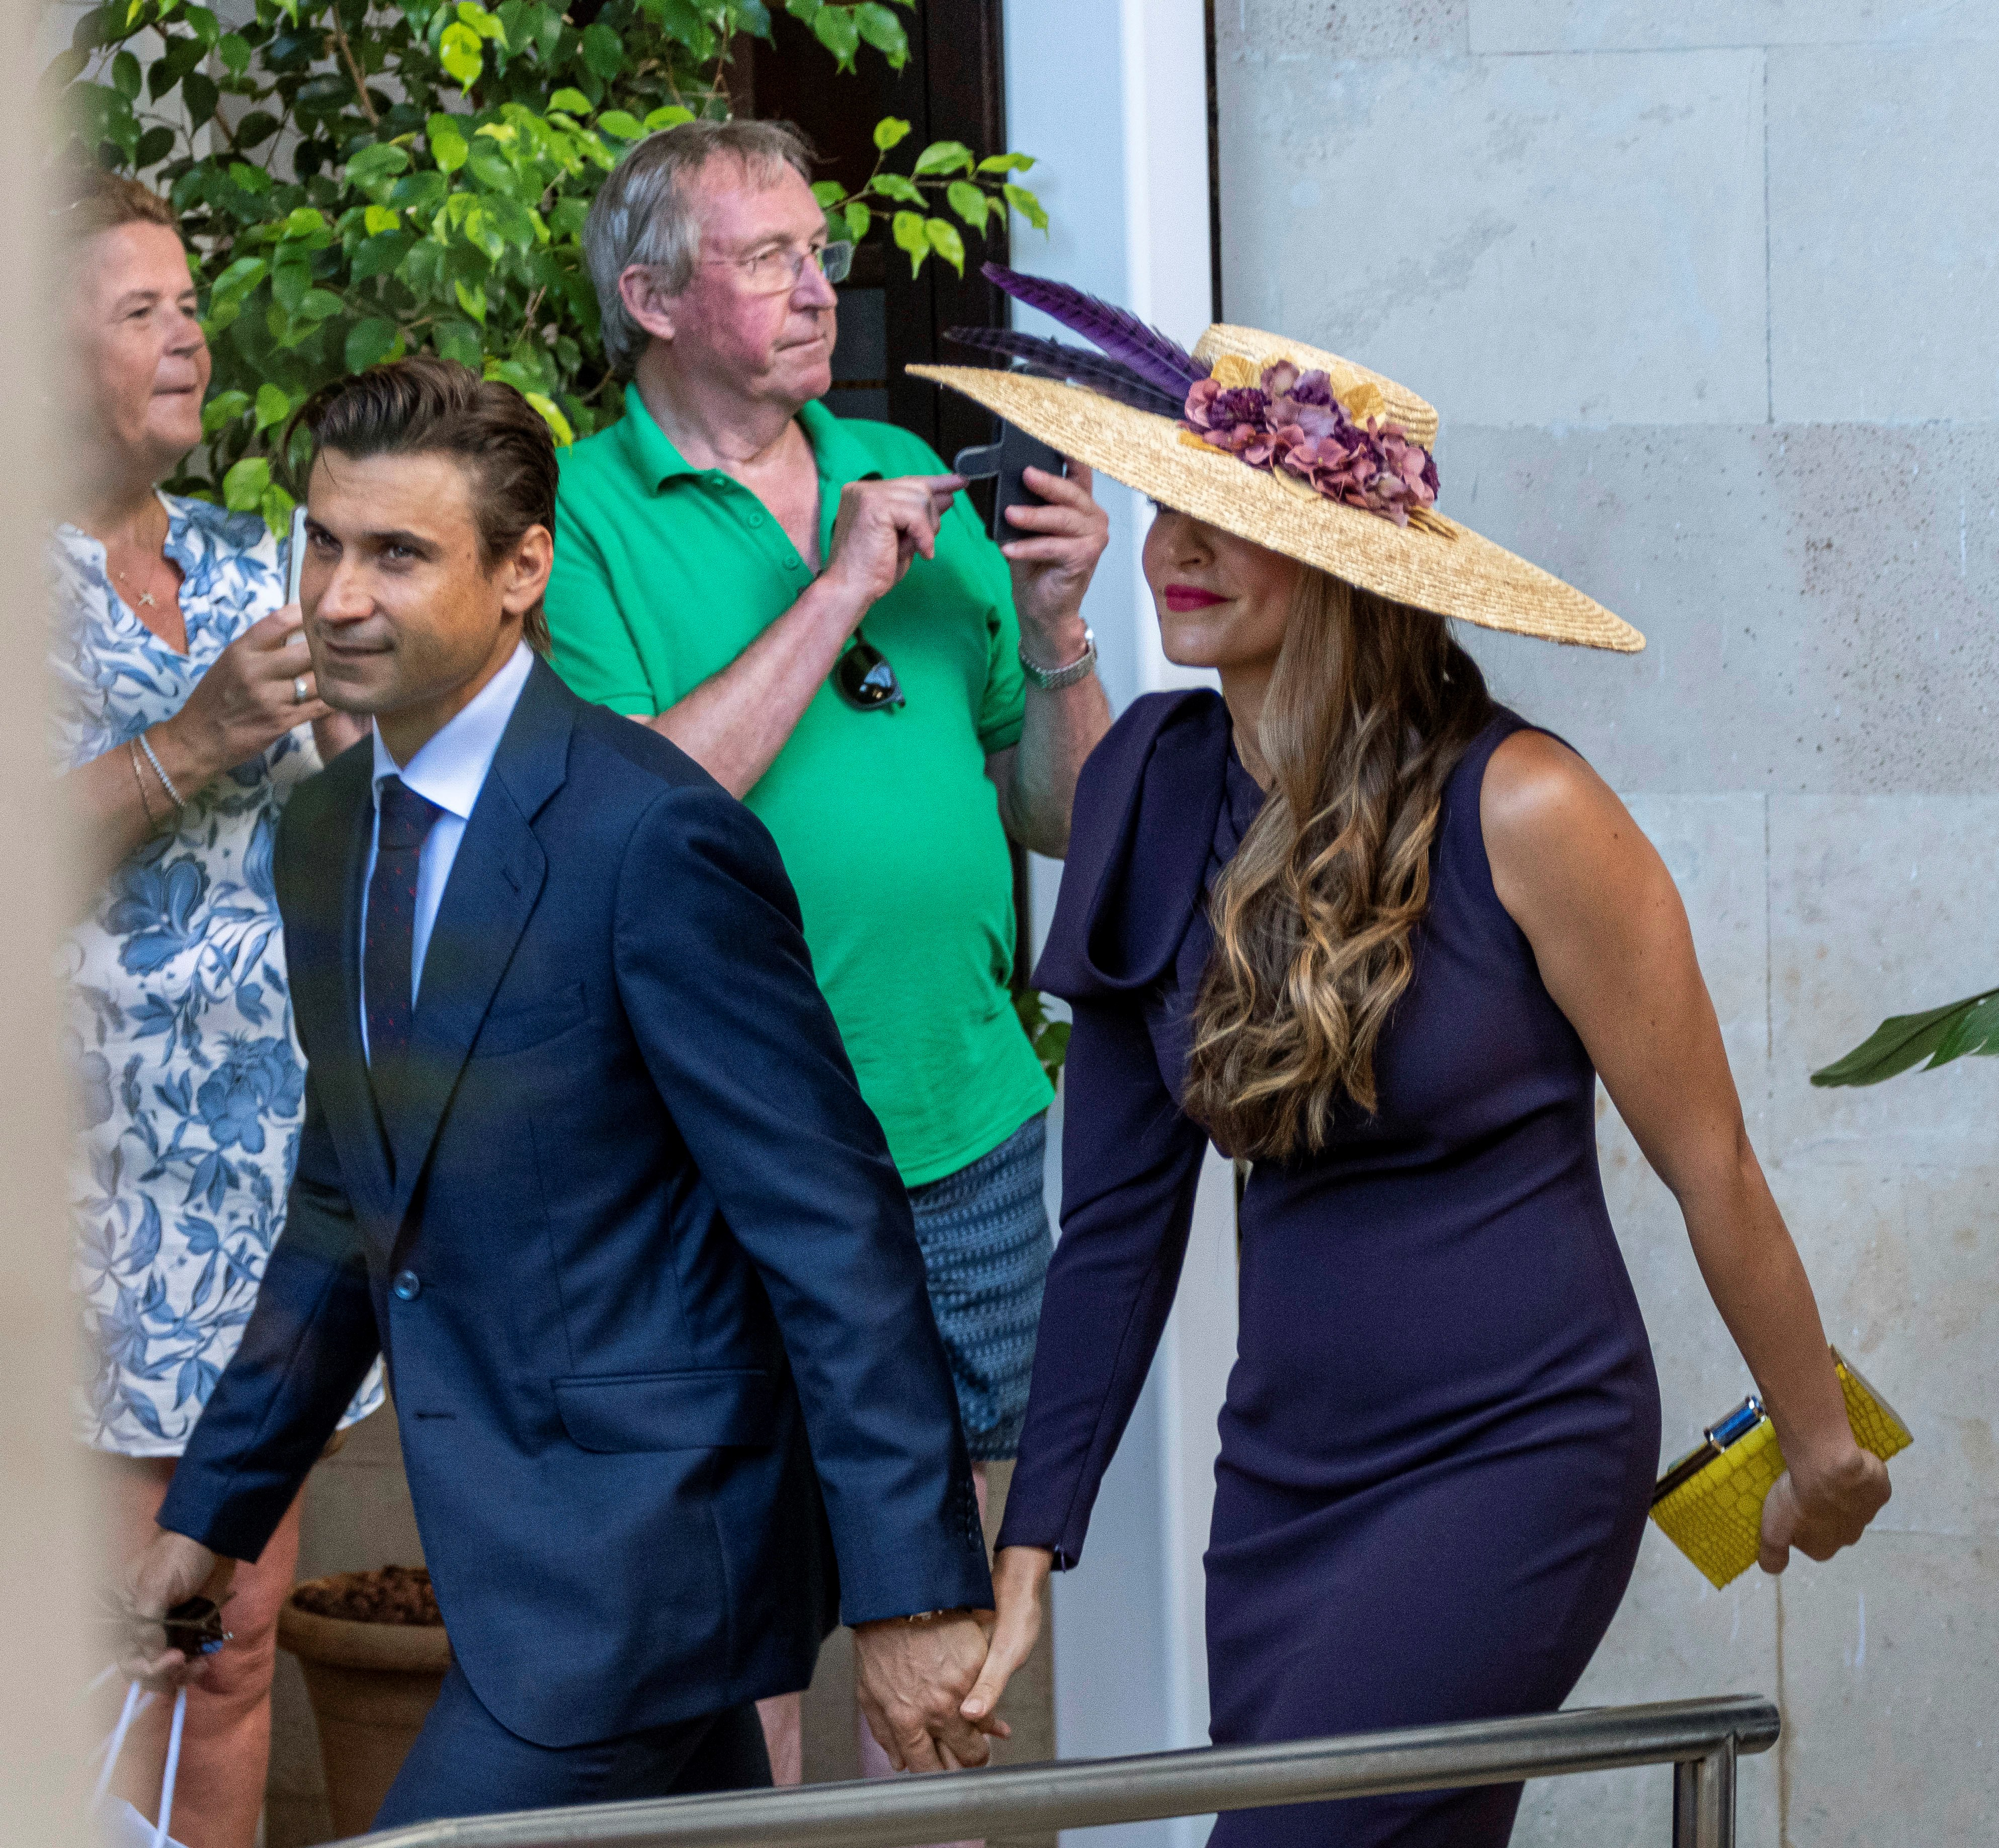 El tenista David Ferrer y Marta Tornel, invitados a la boda de Rafa Nadal y Mery Perelló, saliendo del hotel donde están alojados en Pollença (Mallorca) para dirigirse a sa Fortalesa EFE/ Cati Cladera